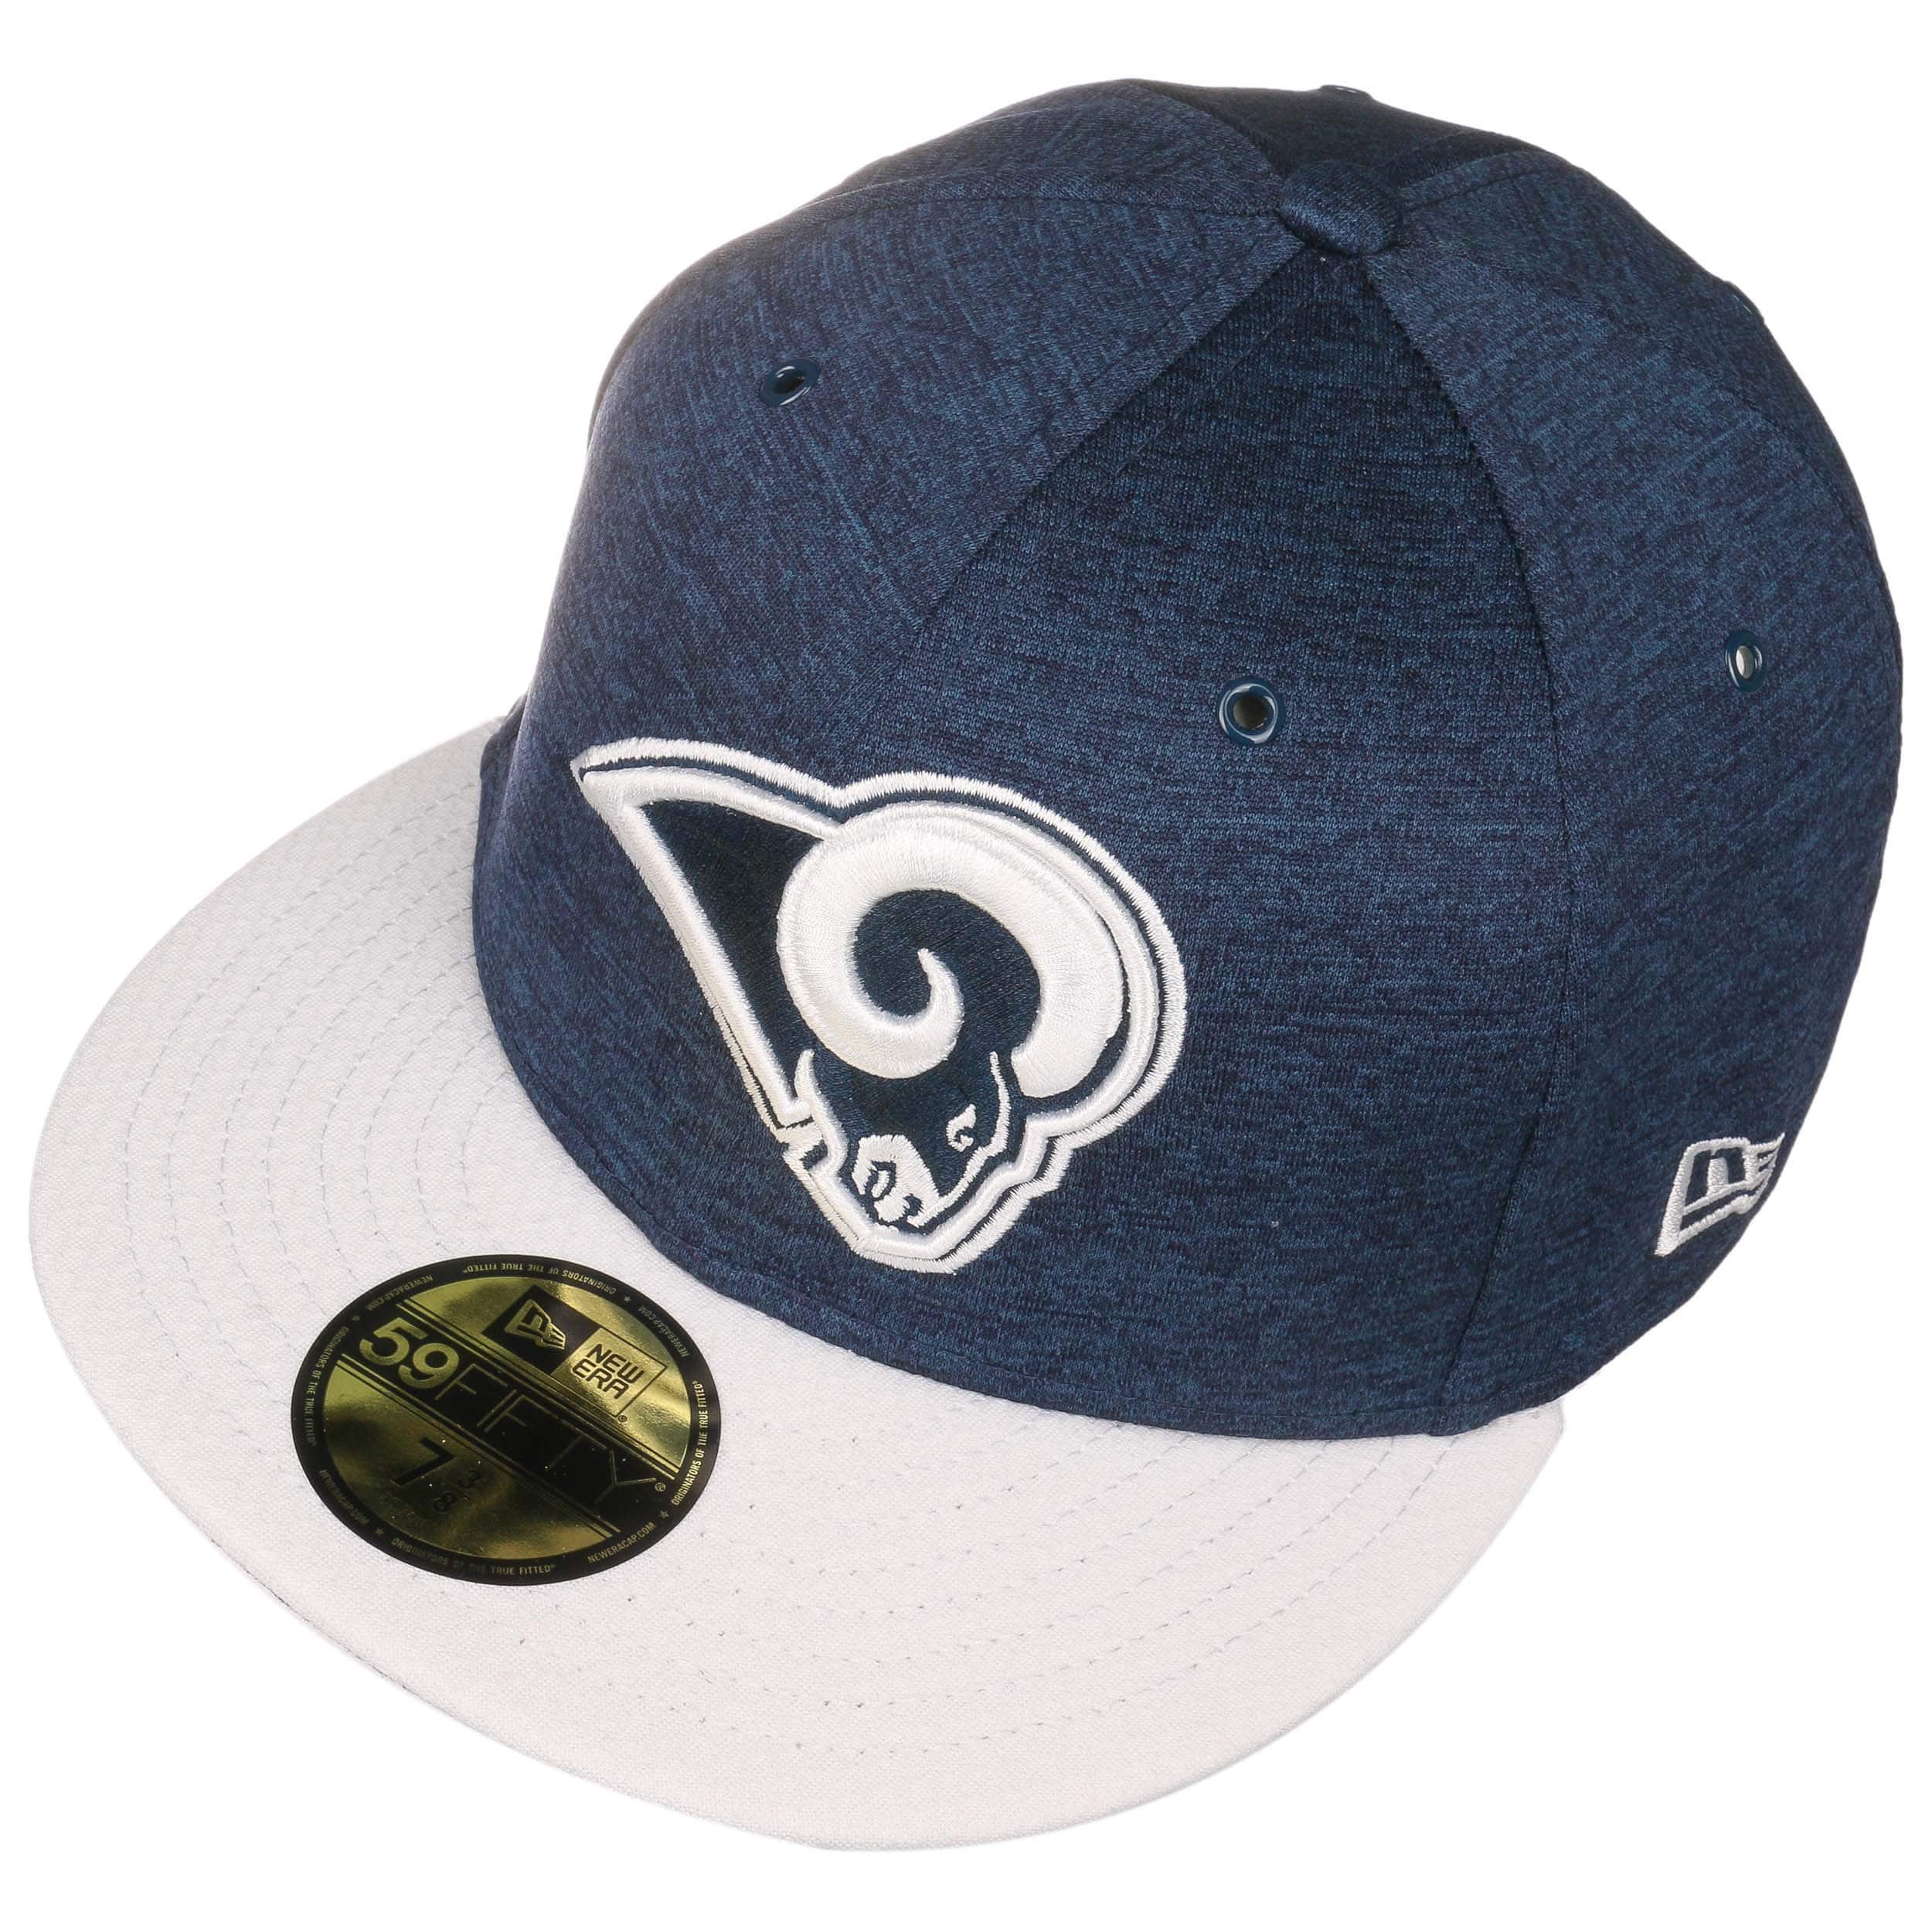 59Fifty On-Field 18 LA Rams Cap by New